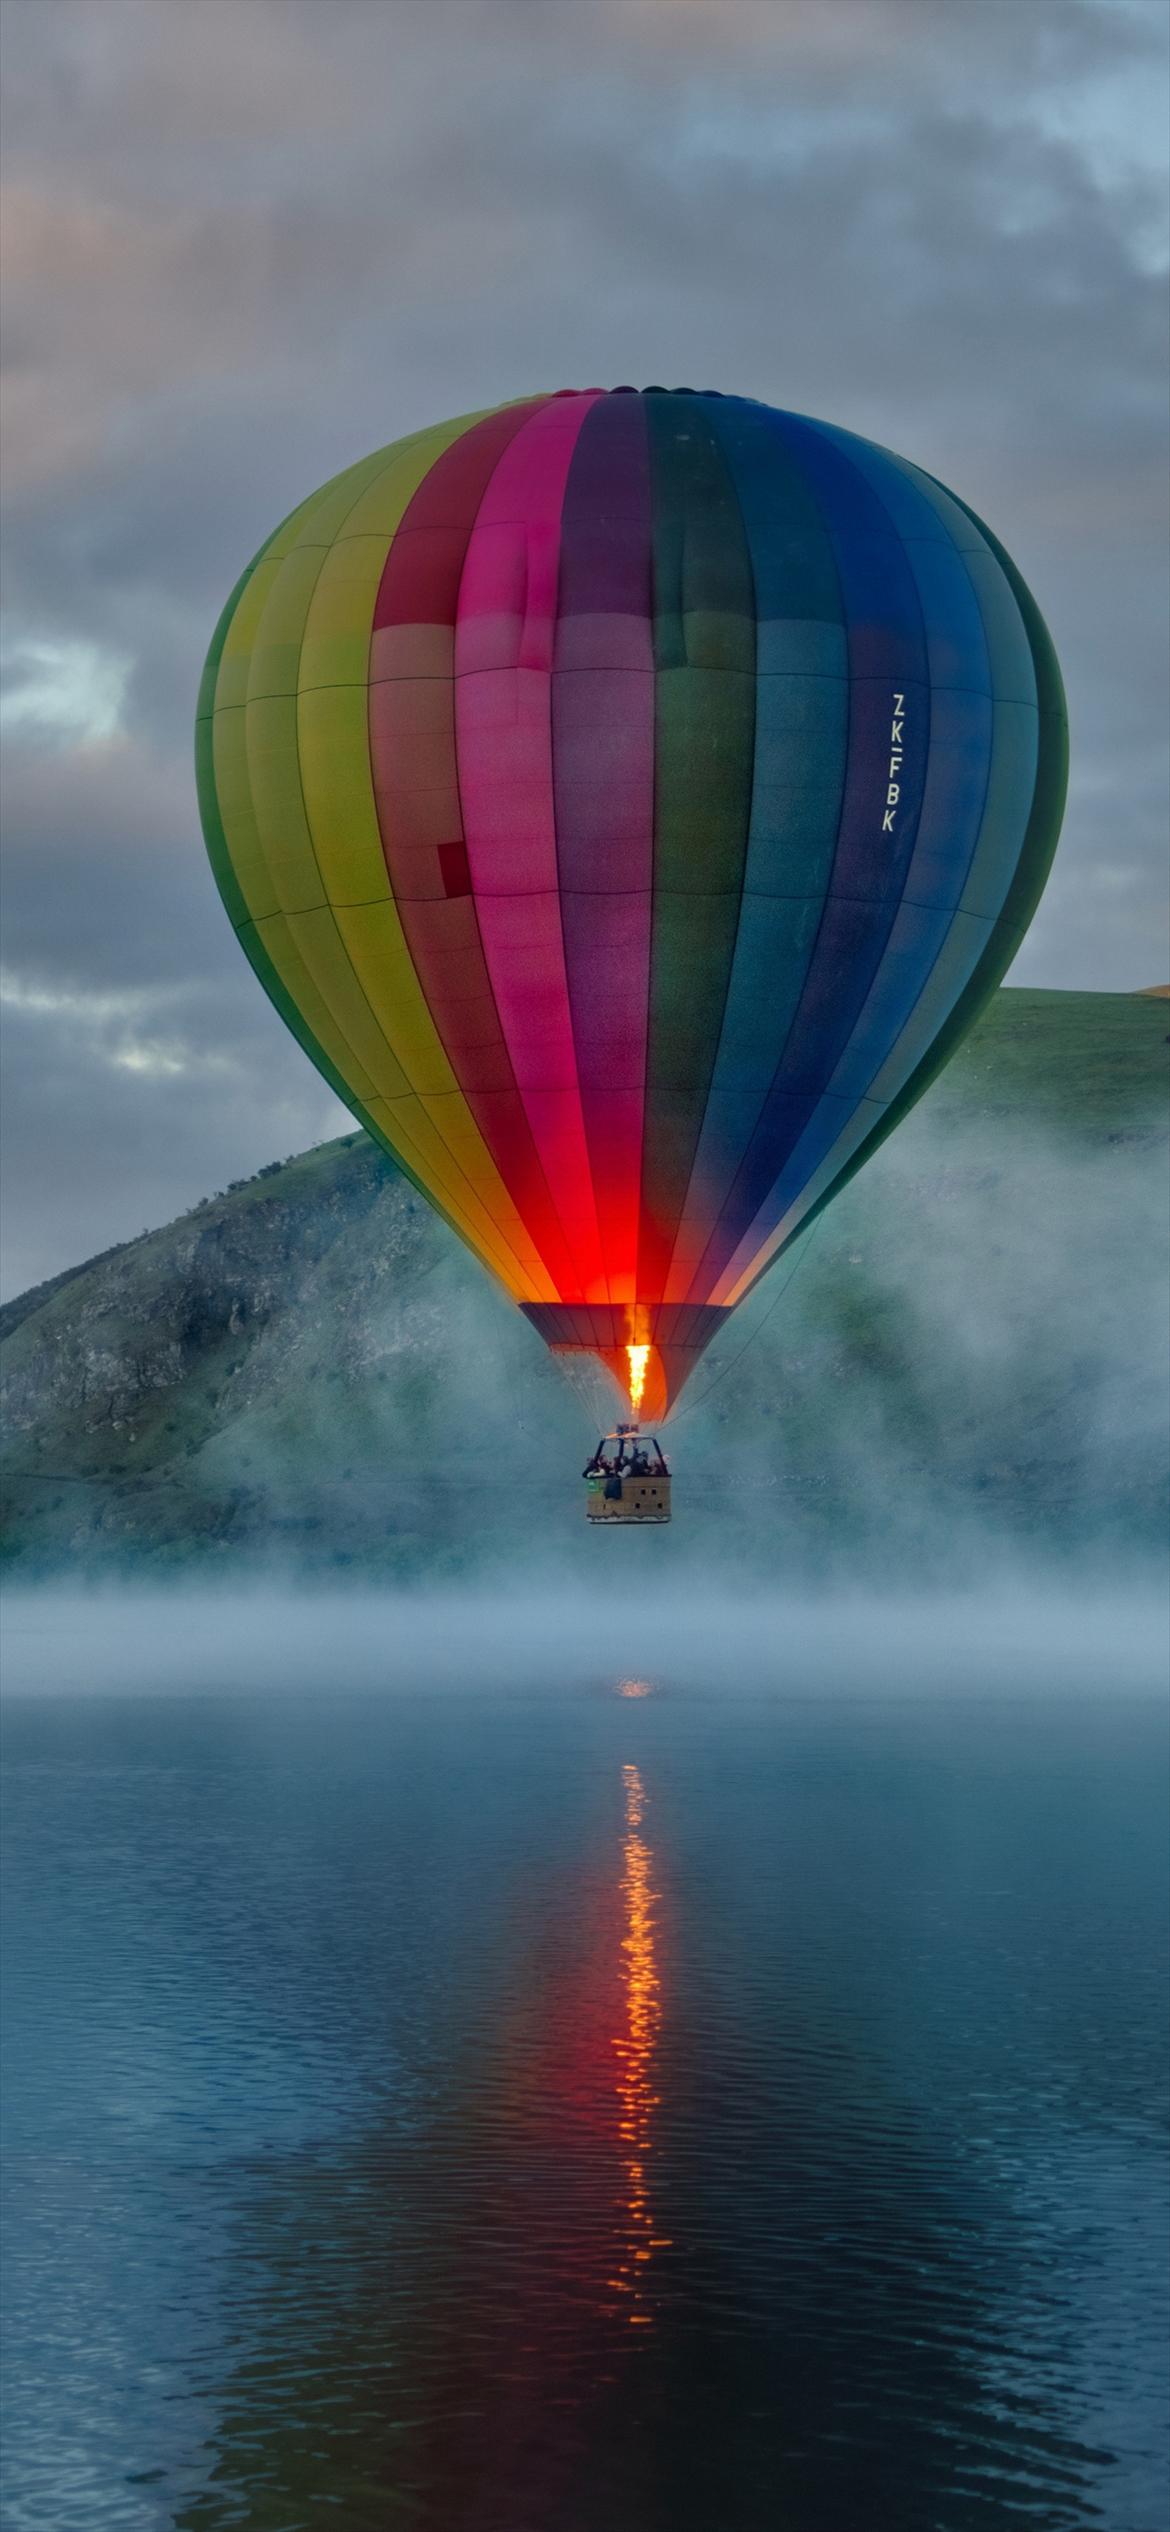 海の上を飛ぶカラフルな気球 iPhone 13 Pro 壁紙・待ち受け